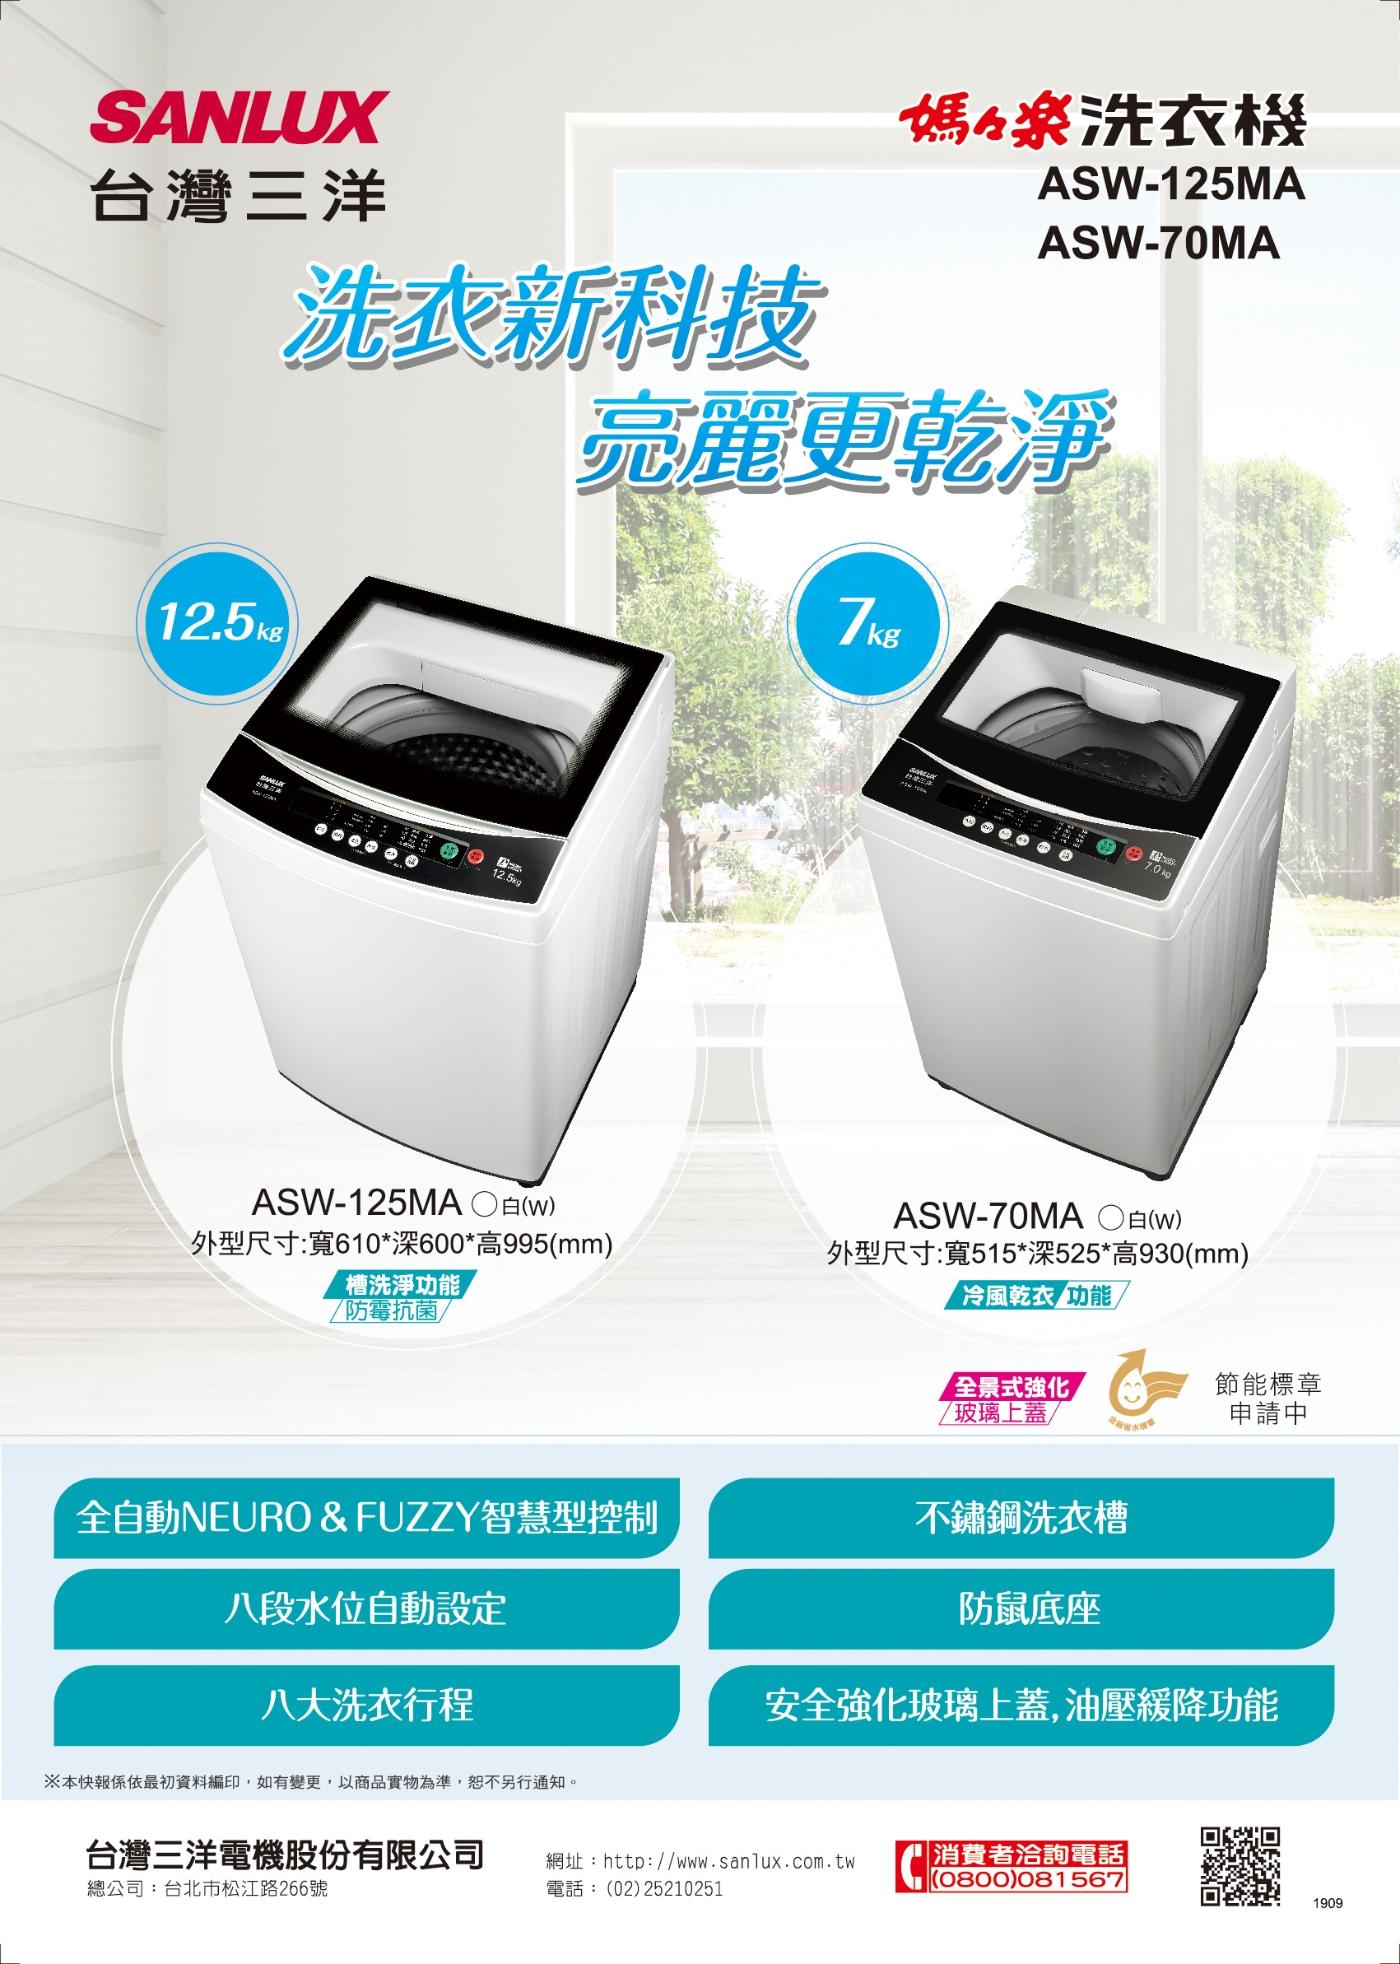 泰昀嚴選 SANLUX三洋12公斤定頻直立式洗衣機 ASW-125MA 實體店面 線上刷卡免手續 全省配送基本安裝